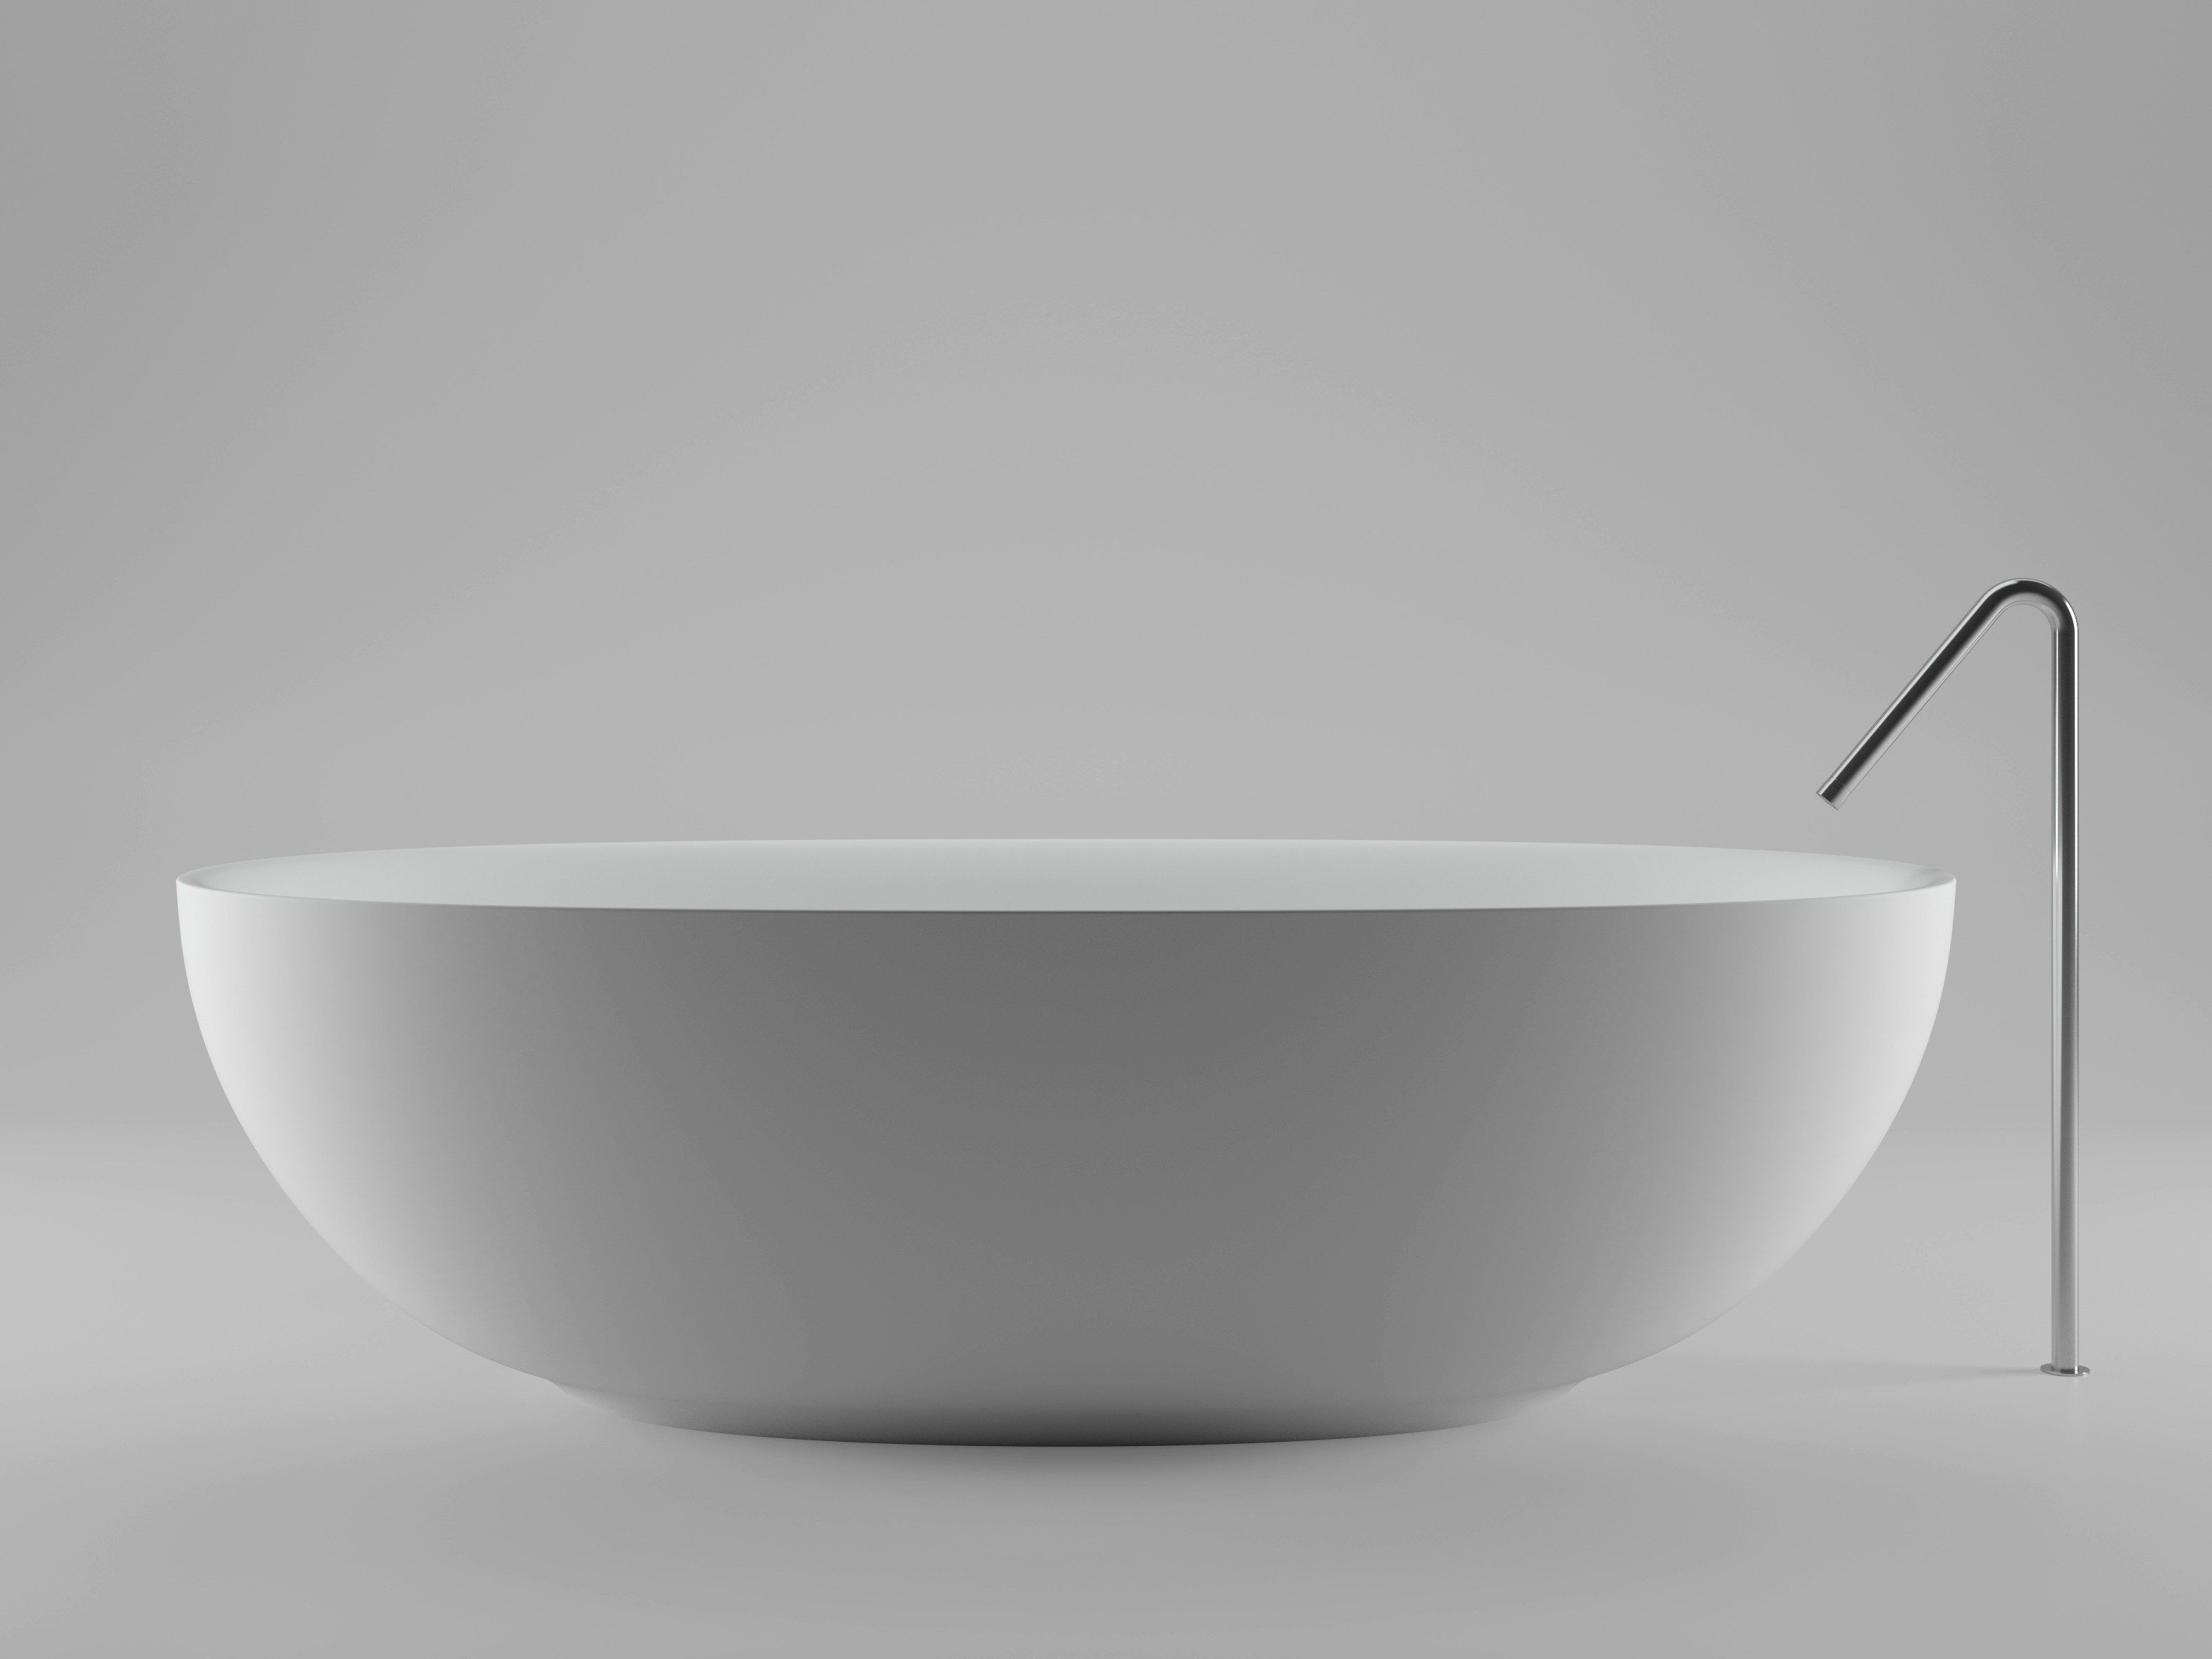 Vasca Da Bagno In Acrilico 180x81x60 Design Freestanding Ovale : Vasca centro stanza prezzi vasche da bagno online su